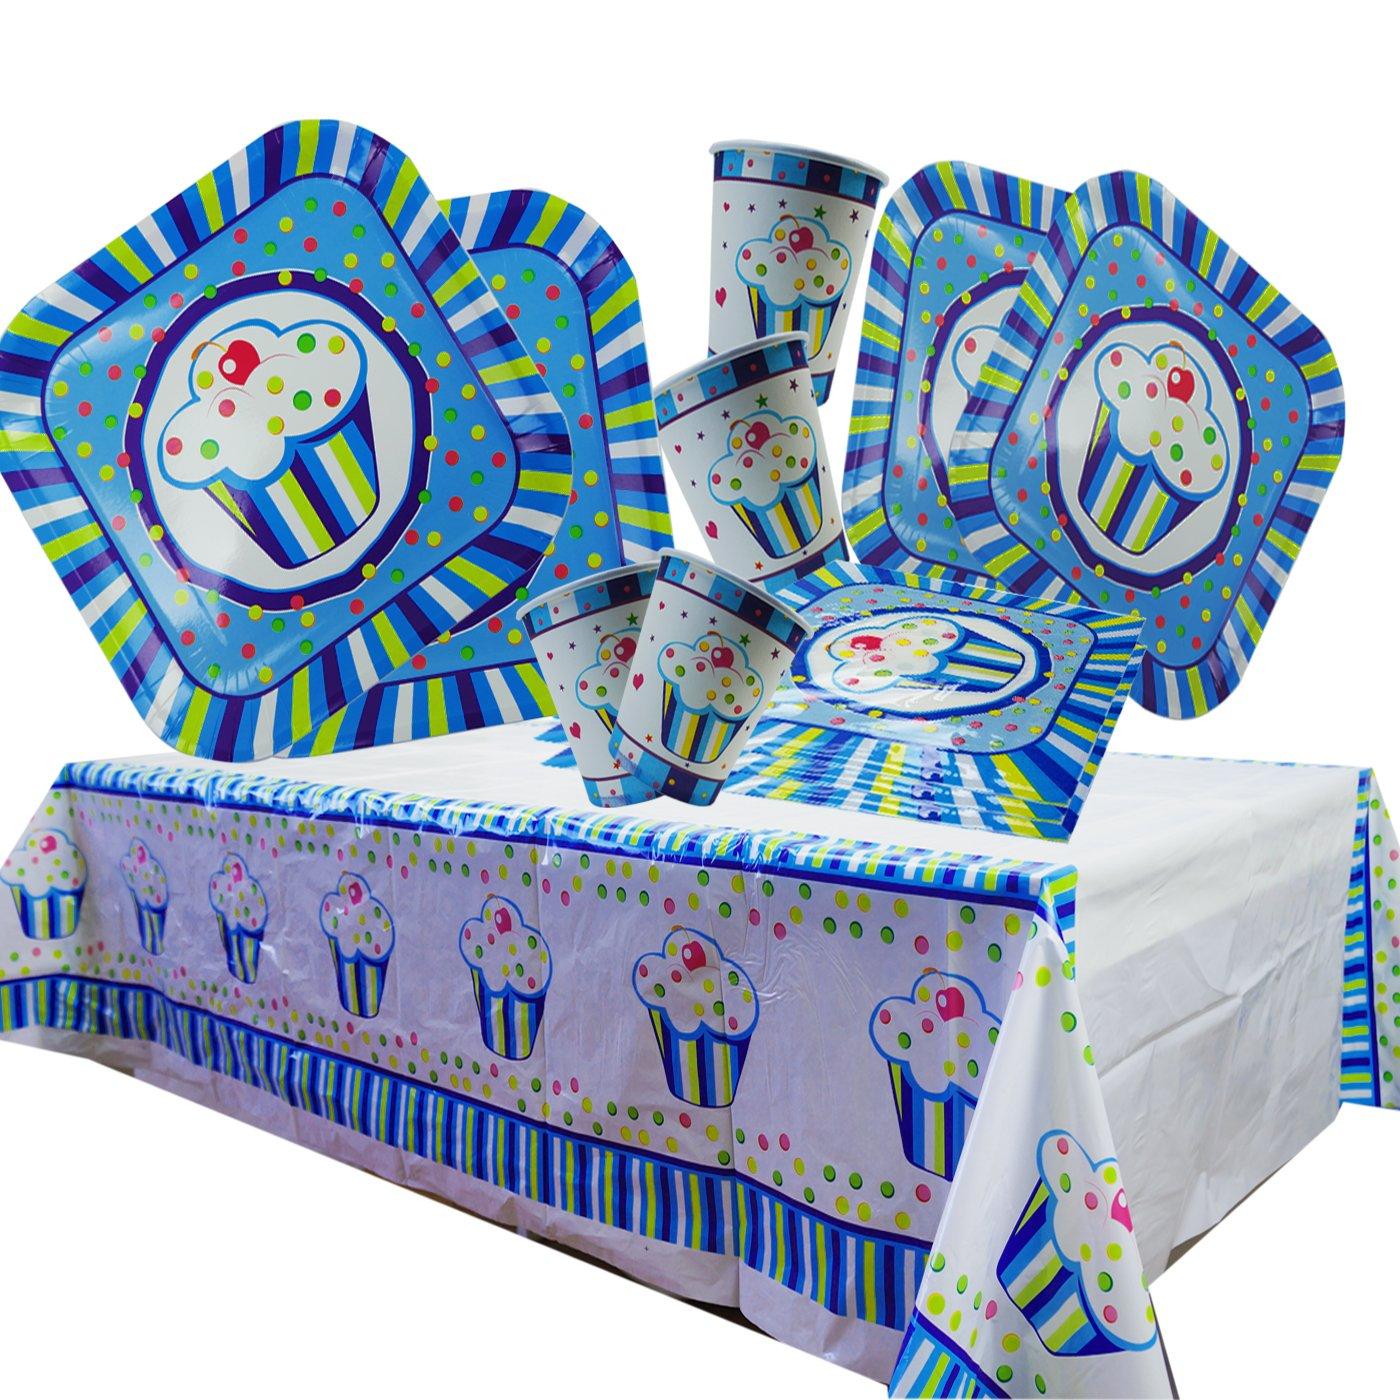 Cotigo-Juego Vajilla Plato Vaso Servillleta Mantel Desechable Set Cumpleaños Set de Articulo Fiesta para 16 persona Diseño Capcula Niños